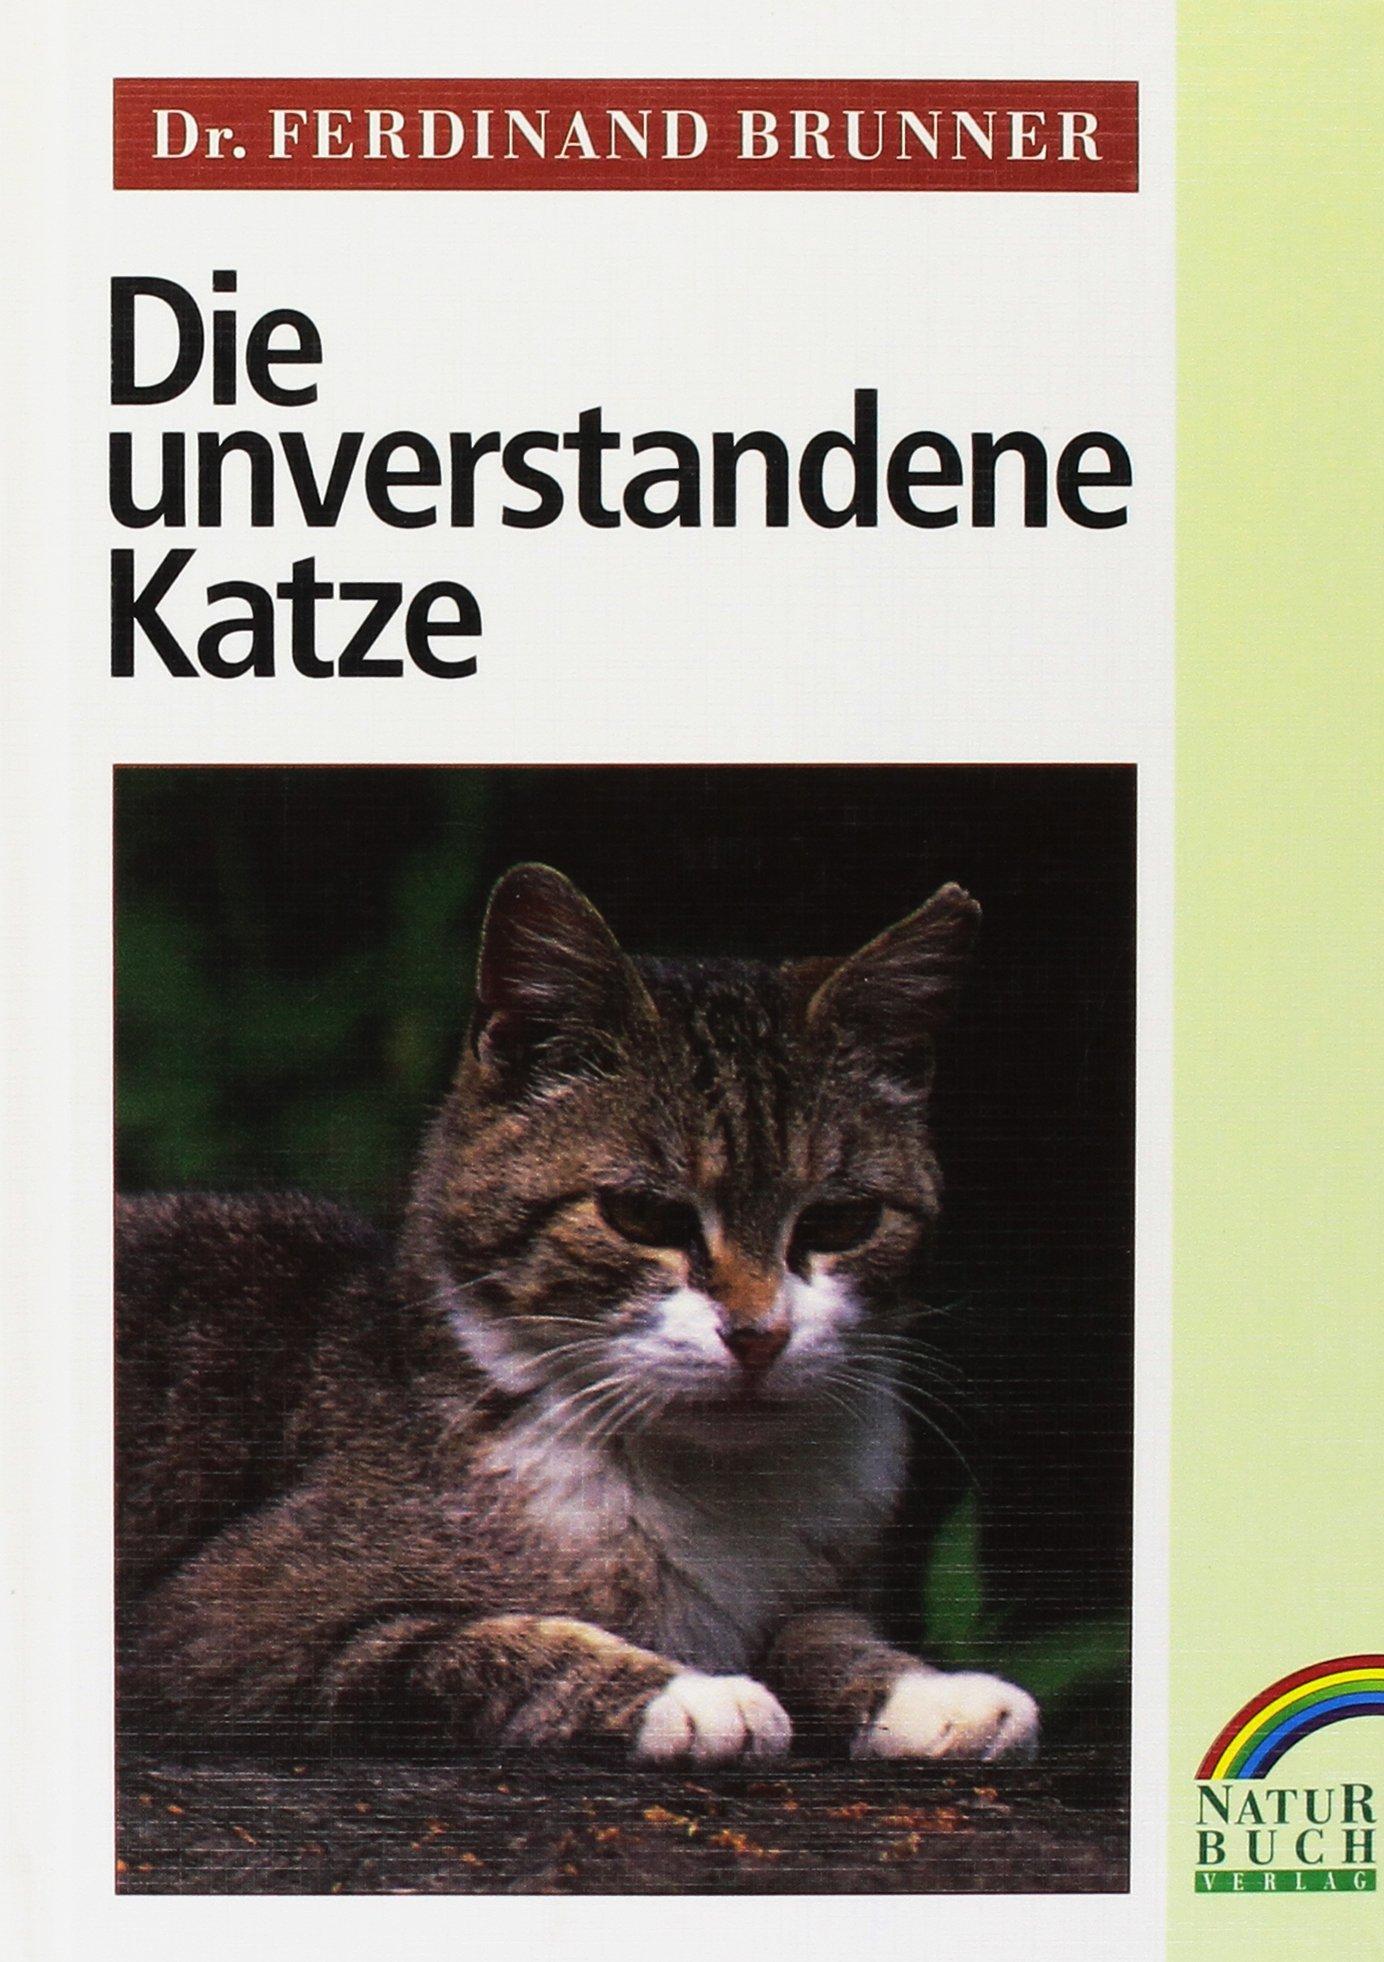 Die unverstandene Katze